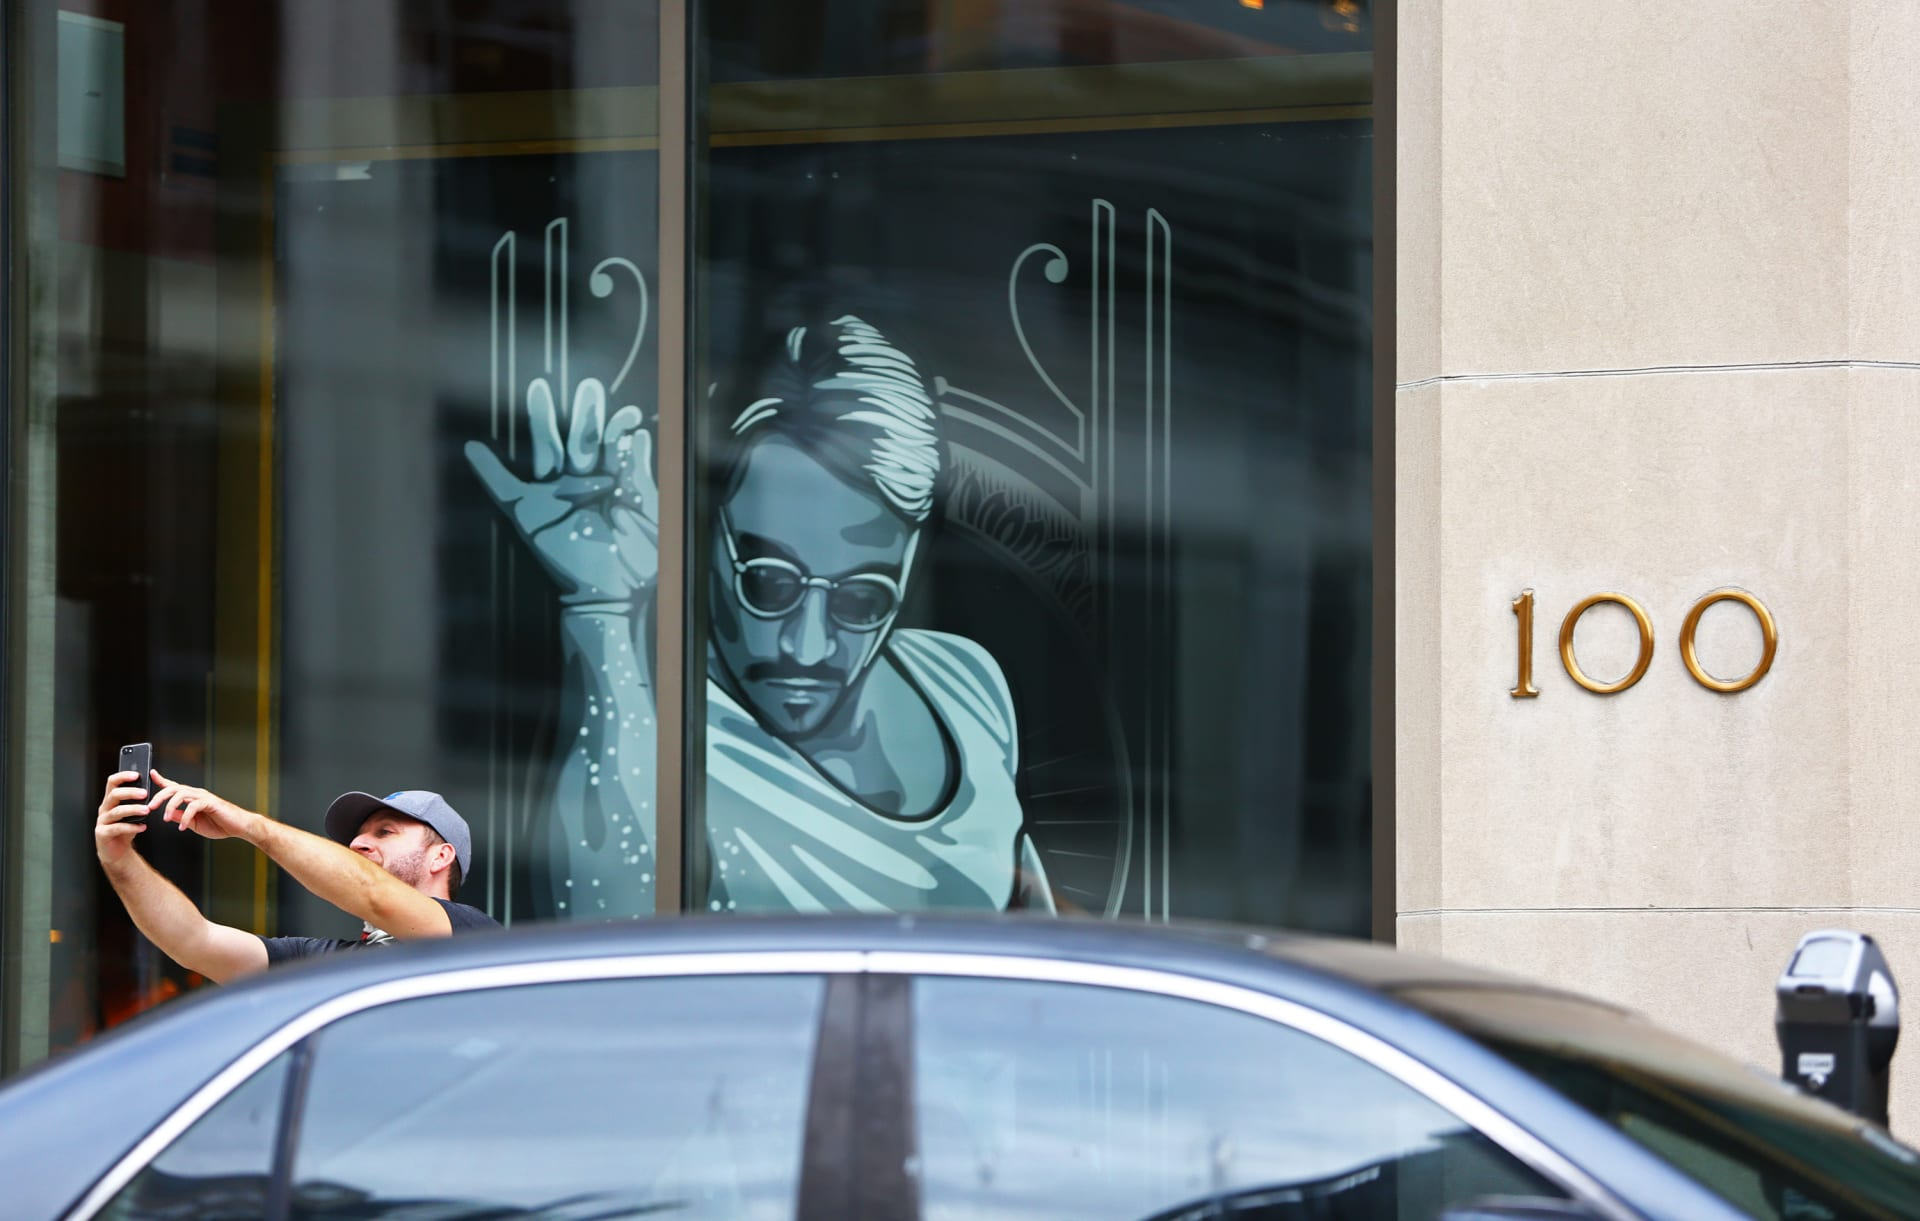 """مطعم """"حبيب الملح"""" يفشل في تطبيق إجراءات السلامة بظل فيروس كورونا ومدينة بوسطن تأمر بإغلاقه"""